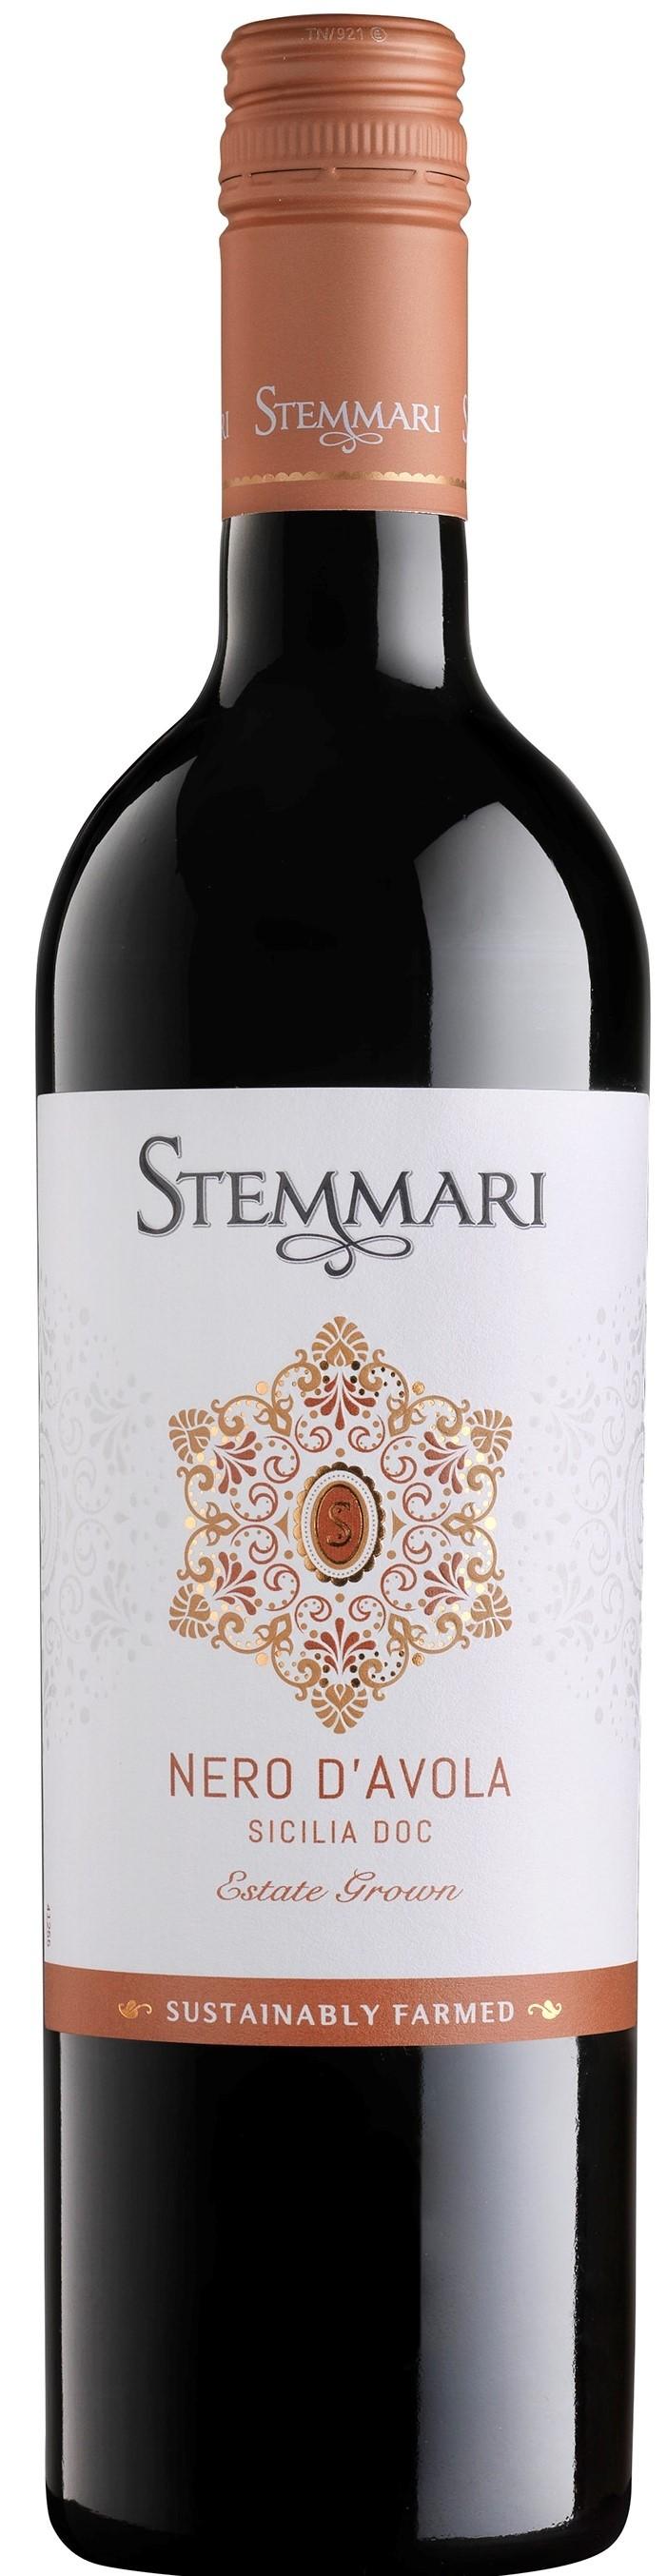 Stemmari - DOC Sicilia - 2015